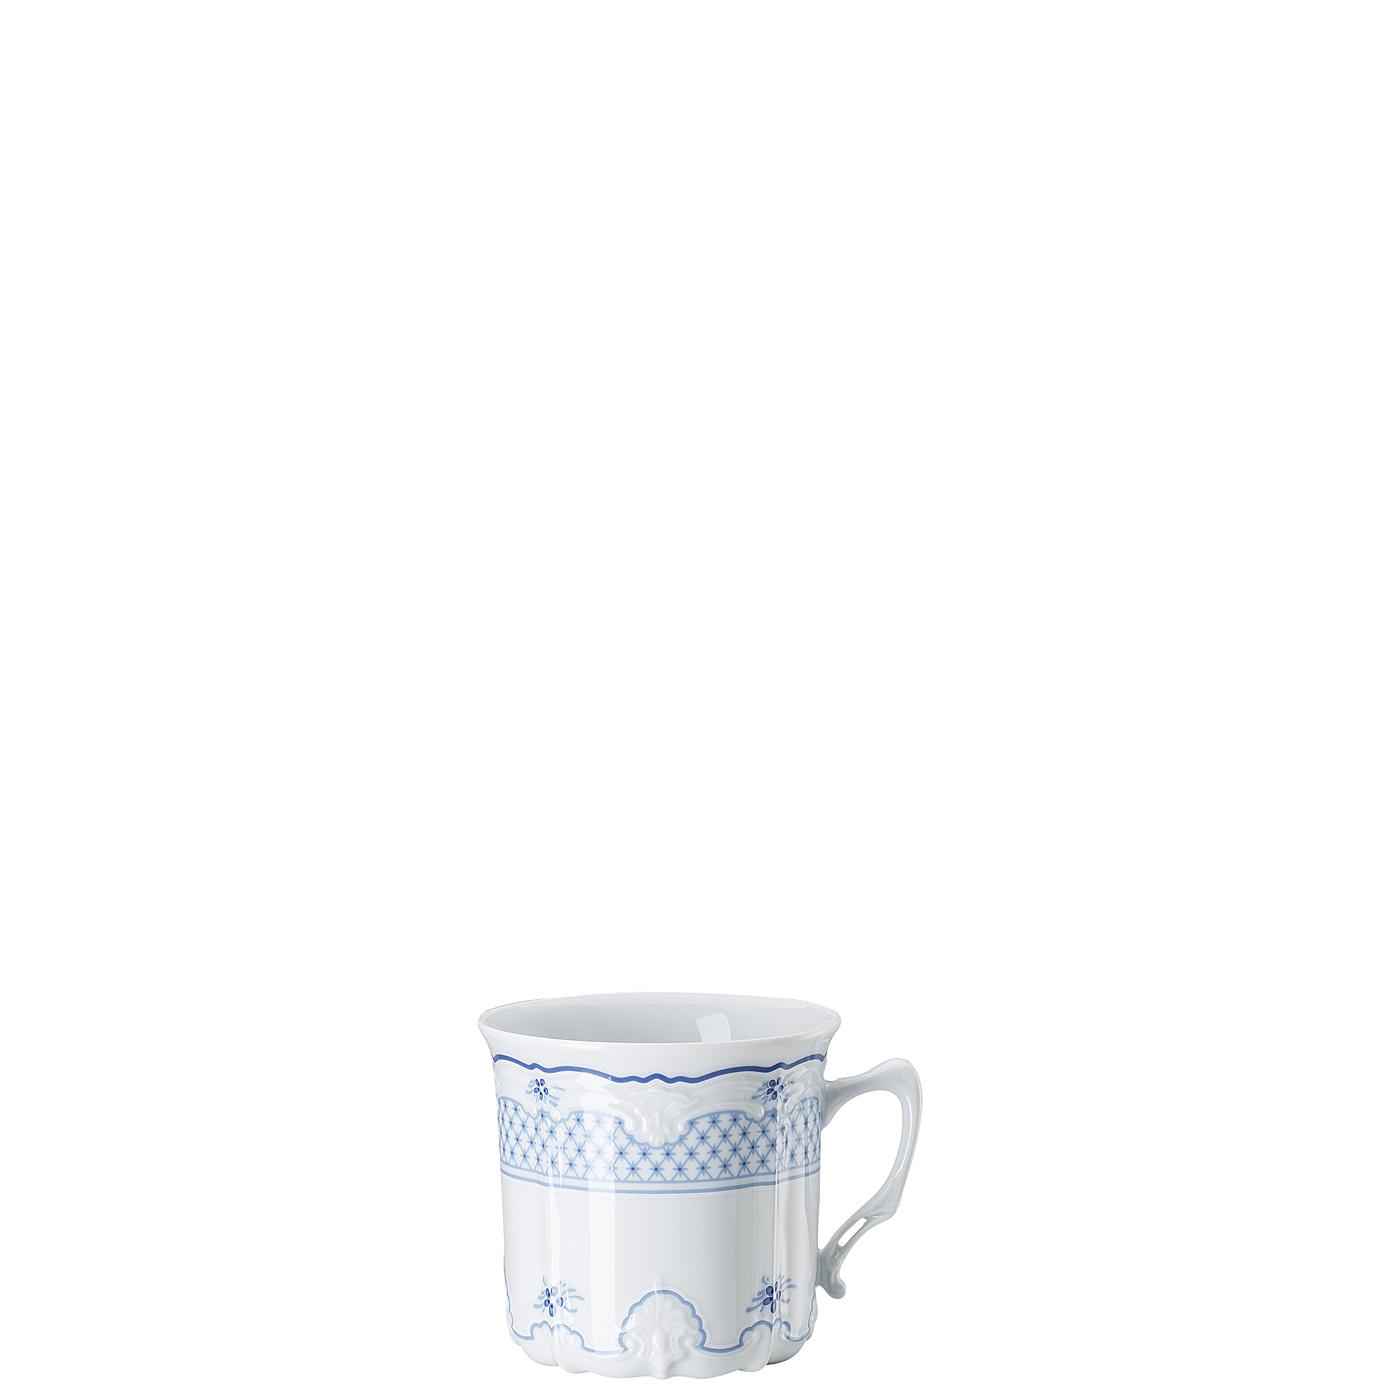 Kaffee-Obertasse groß Baronesse Estelle Hutschenreuther